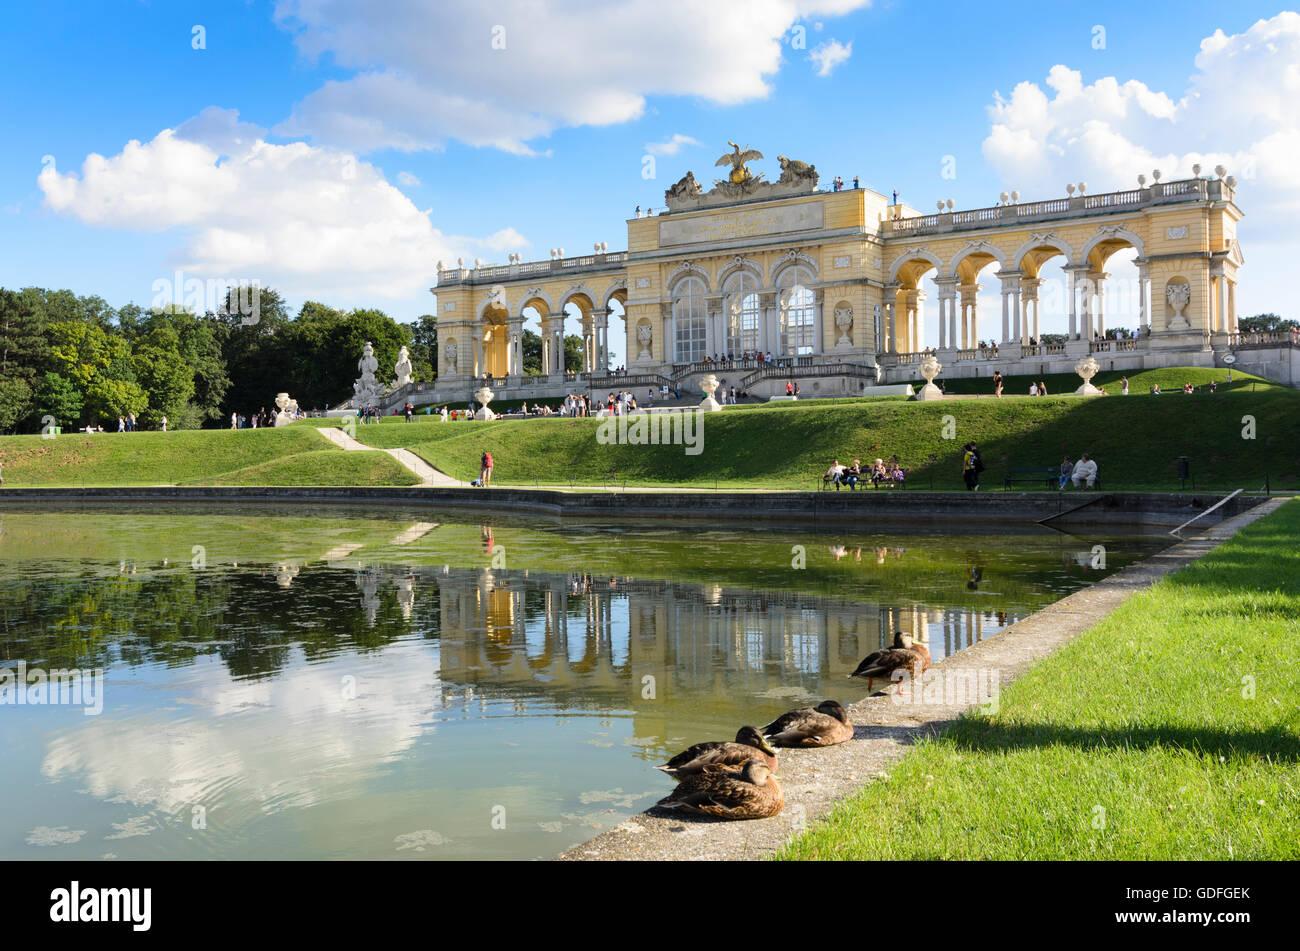 Wien, Vienna: Gloriette in Schönbrunn Palace, Austria, Wien, 13. - Stock Image